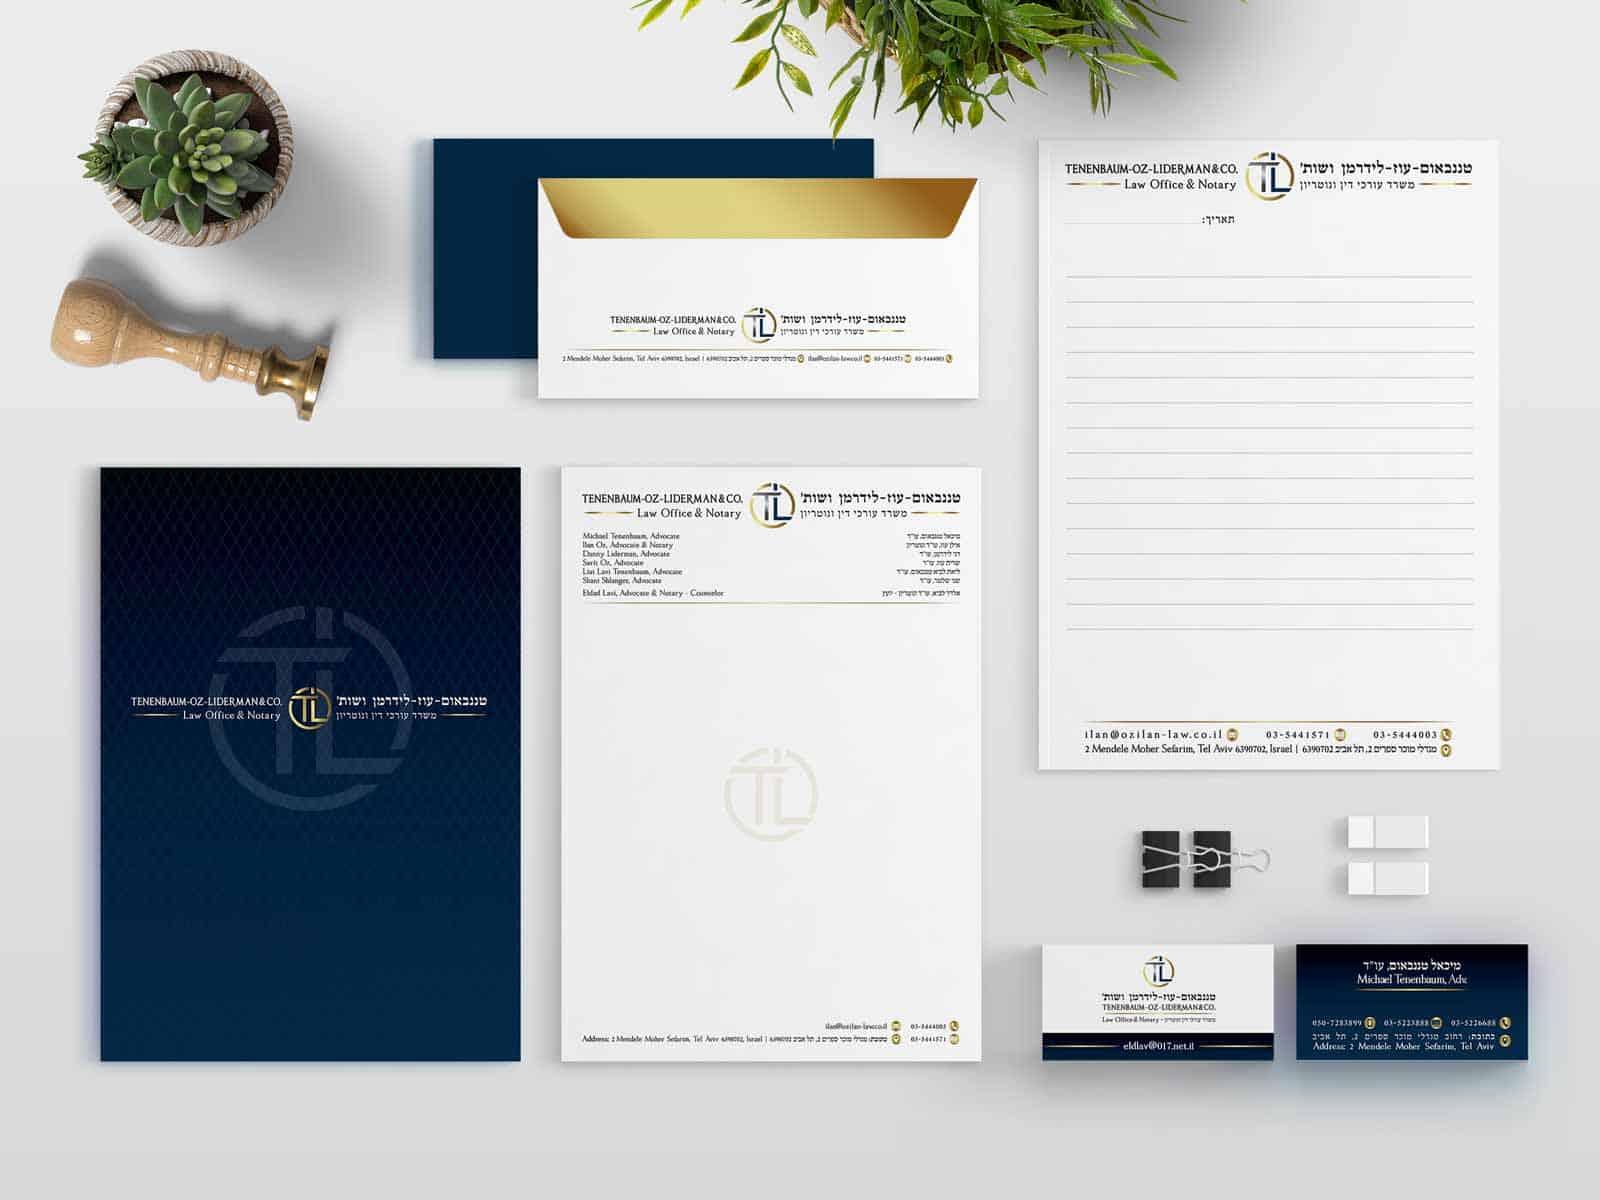 עיצוב חבילת מיתוג למשרד עורכי דין טננבאום עוז לידרמן ושות